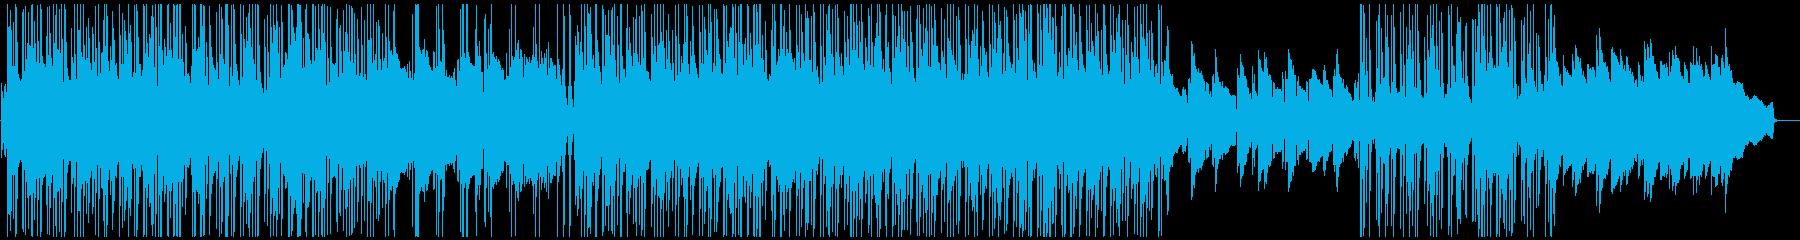 エレピとアコギがメインのBGMです。の再生済みの波形